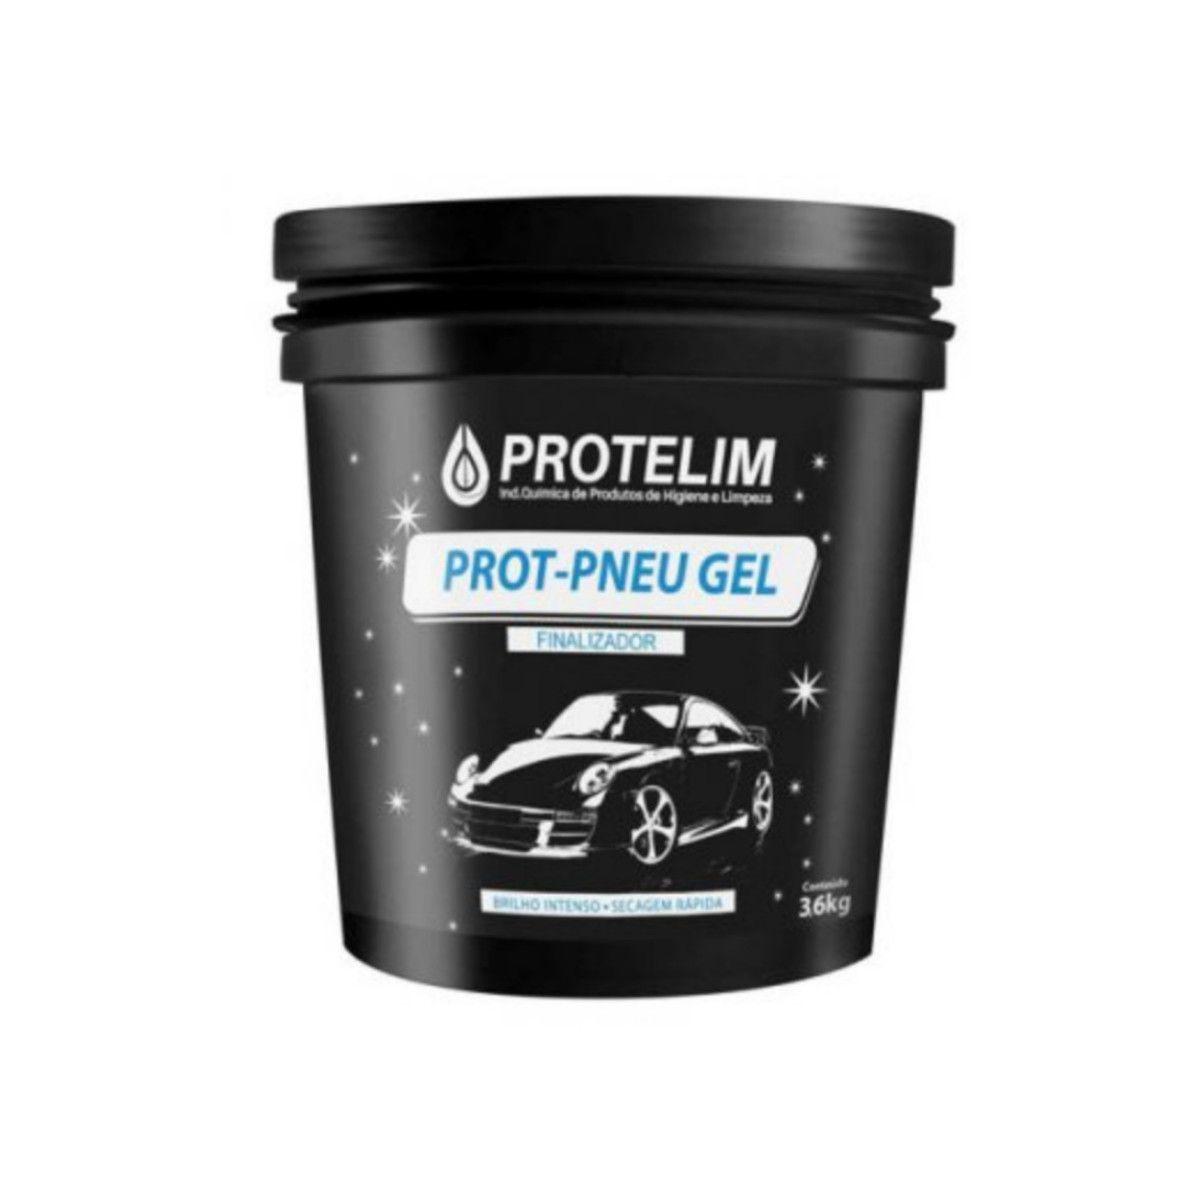 Prot-Pneu Gel Protelim  Limpa Pneu 3,6kg